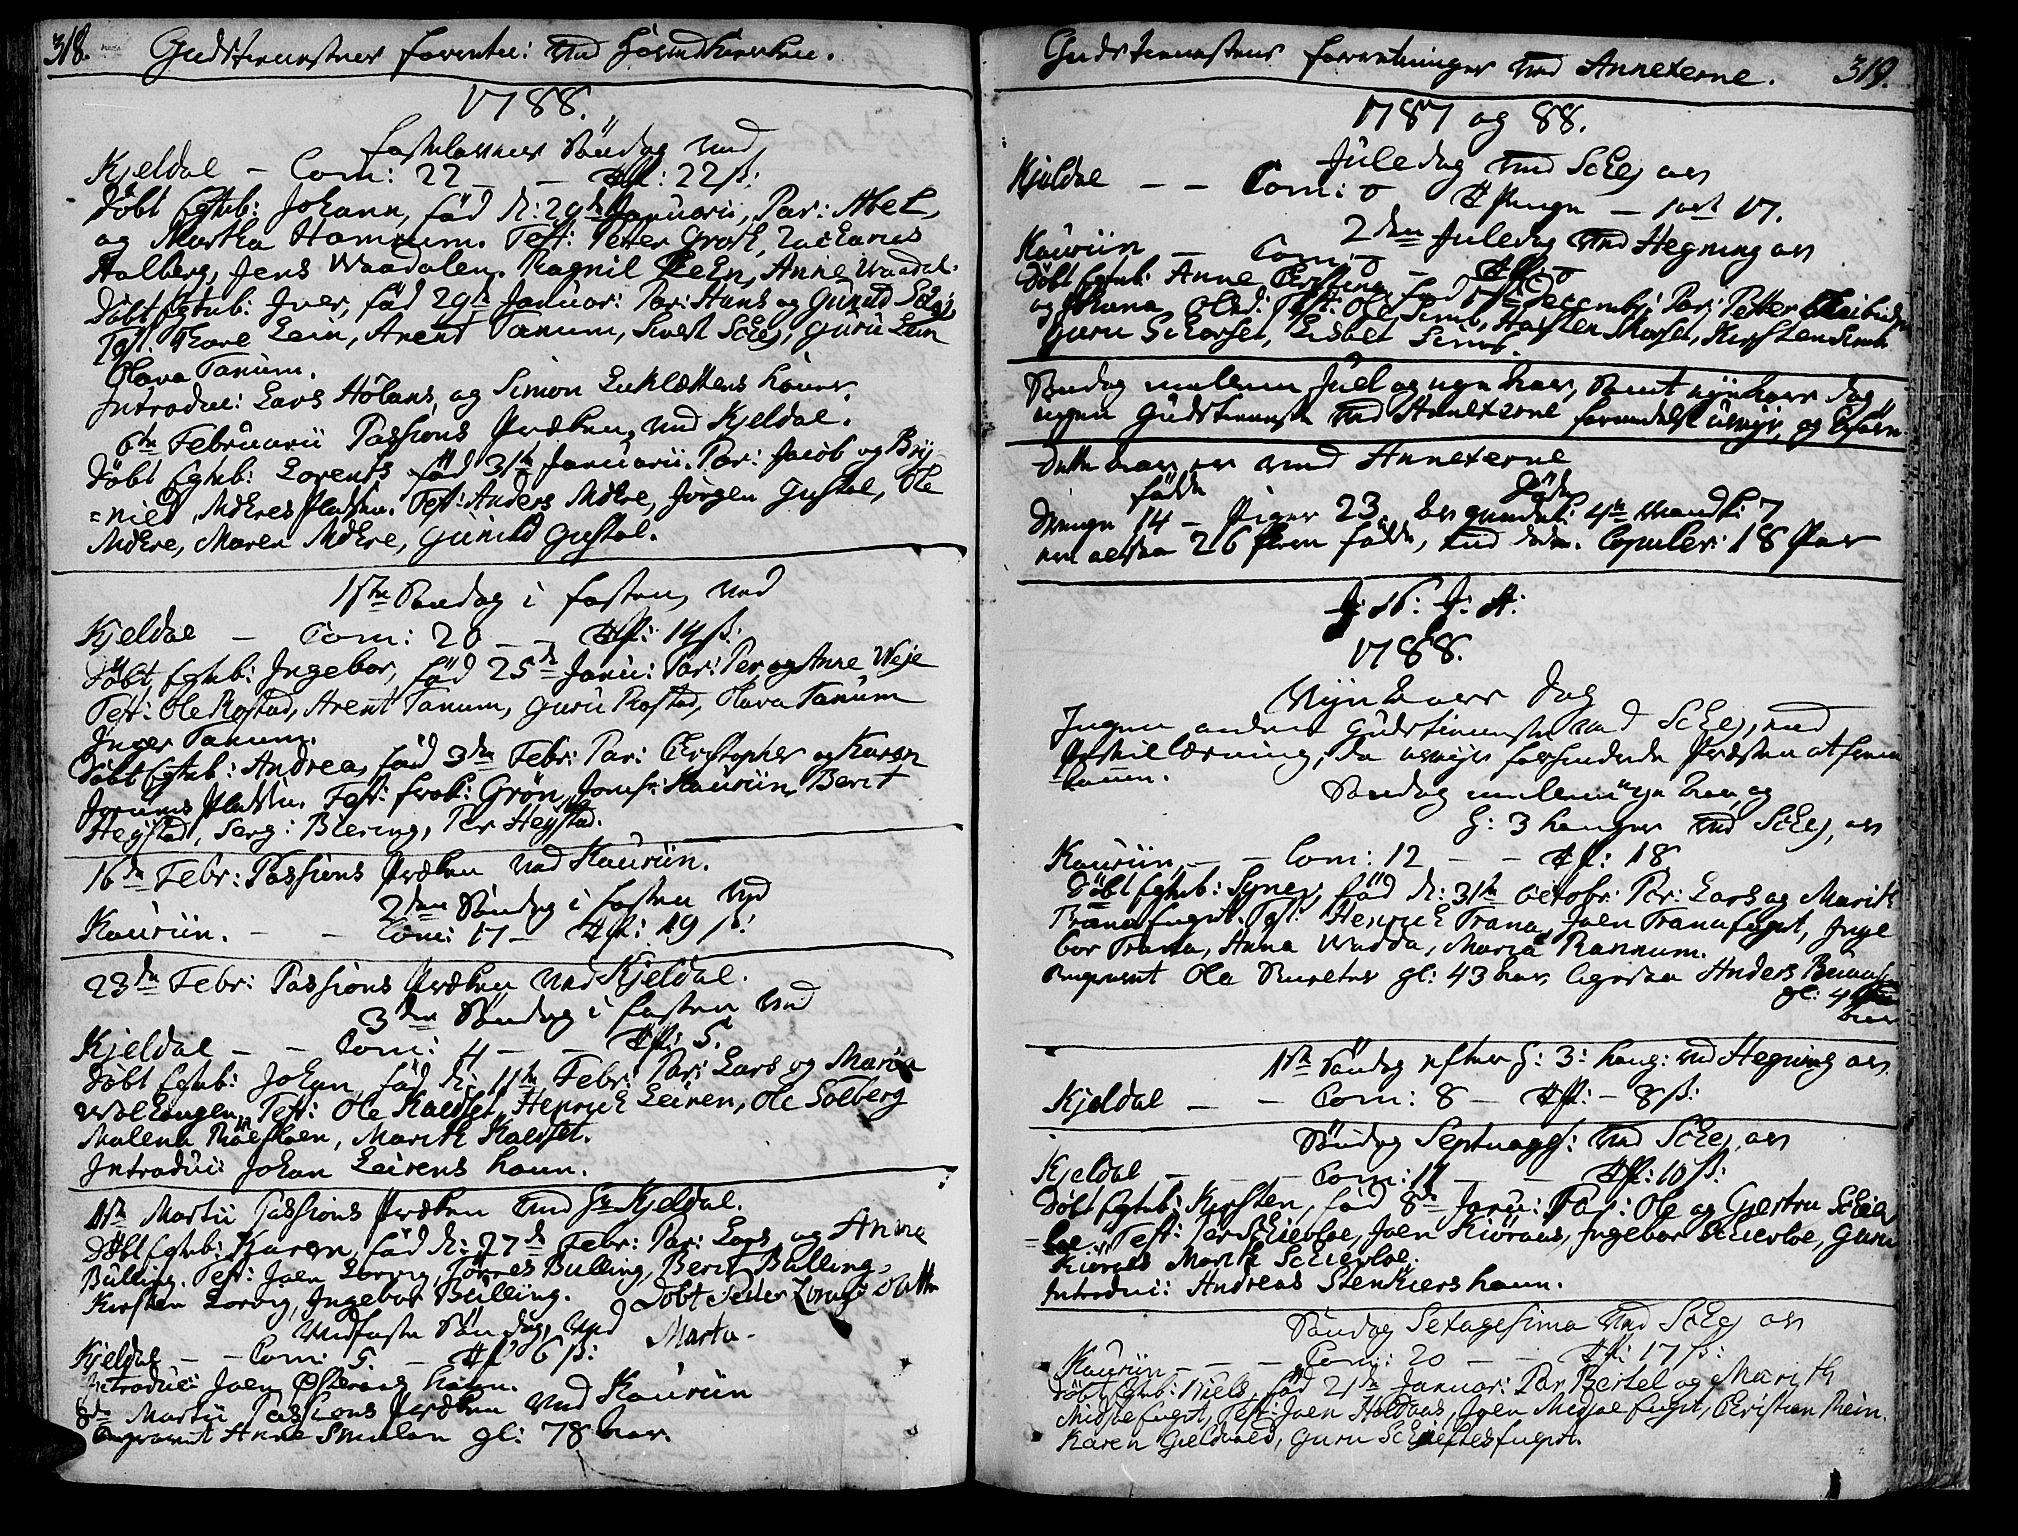 SAT, Ministerialprotokoller, klokkerbøker og fødselsregistre - Nord-Trøndelag, 735/L0331: Ministerialbok nr. 735A02, 1762-1794, s. 318-319